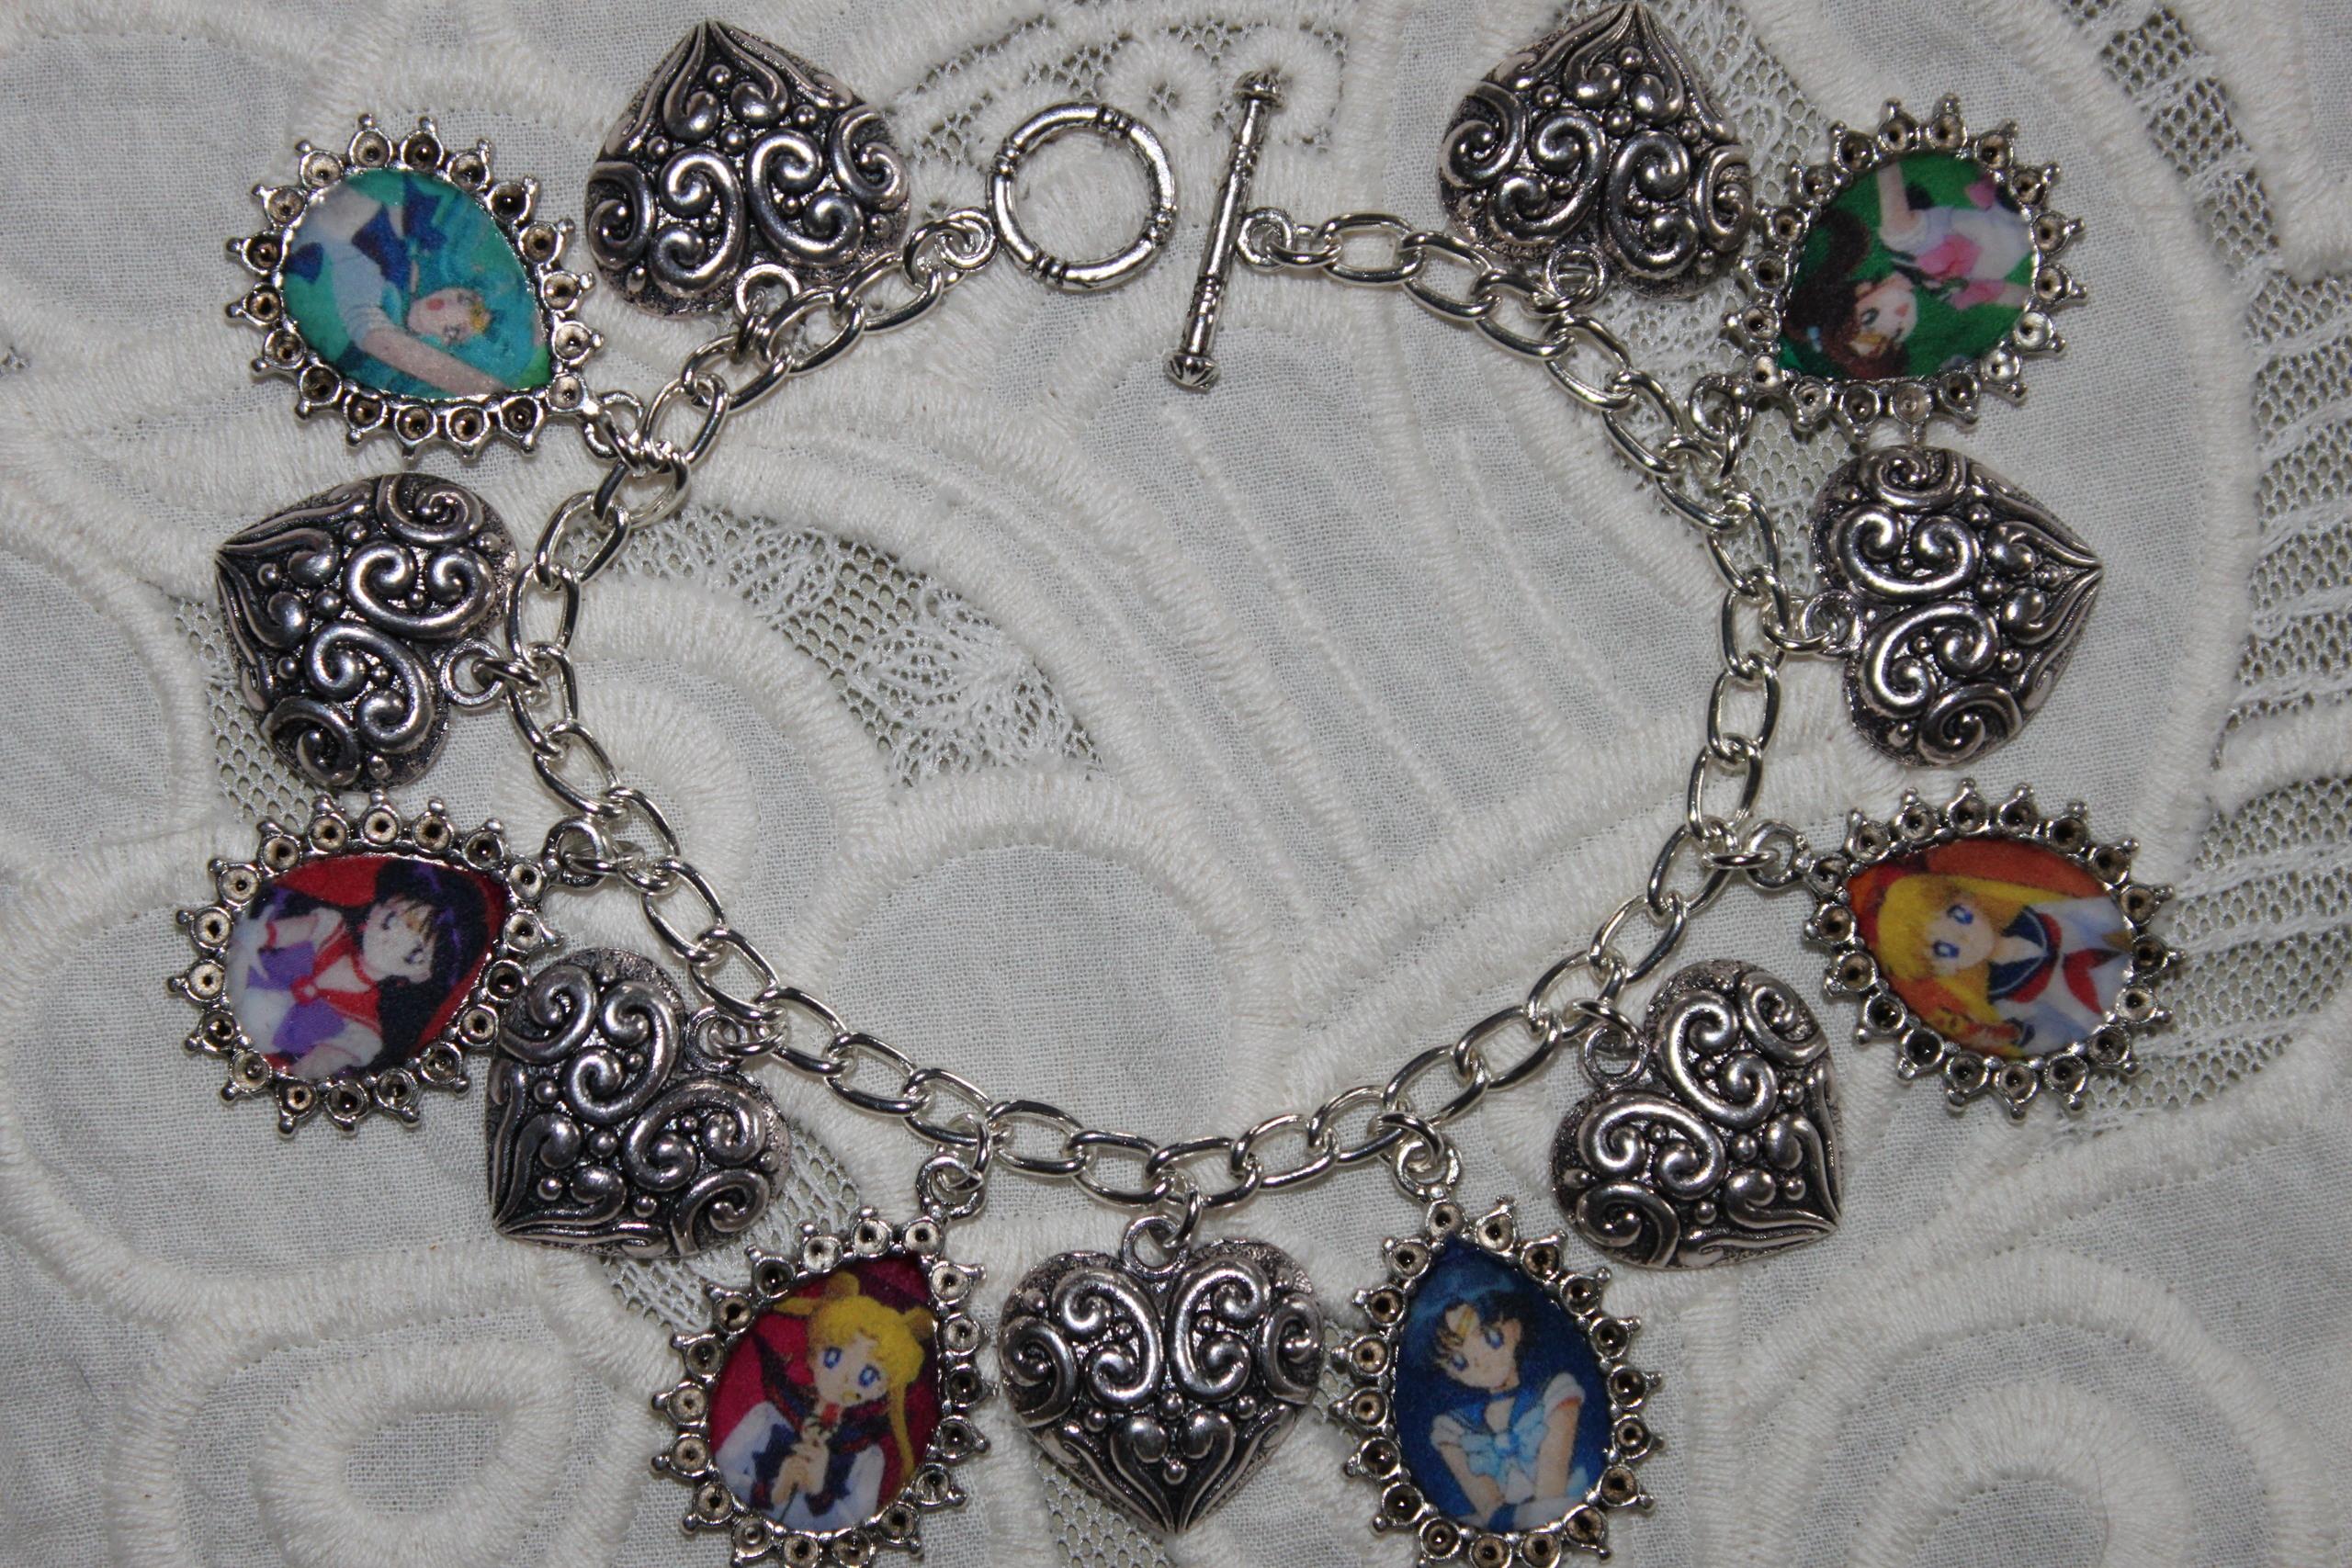 SAILOR STARS charm bracelet